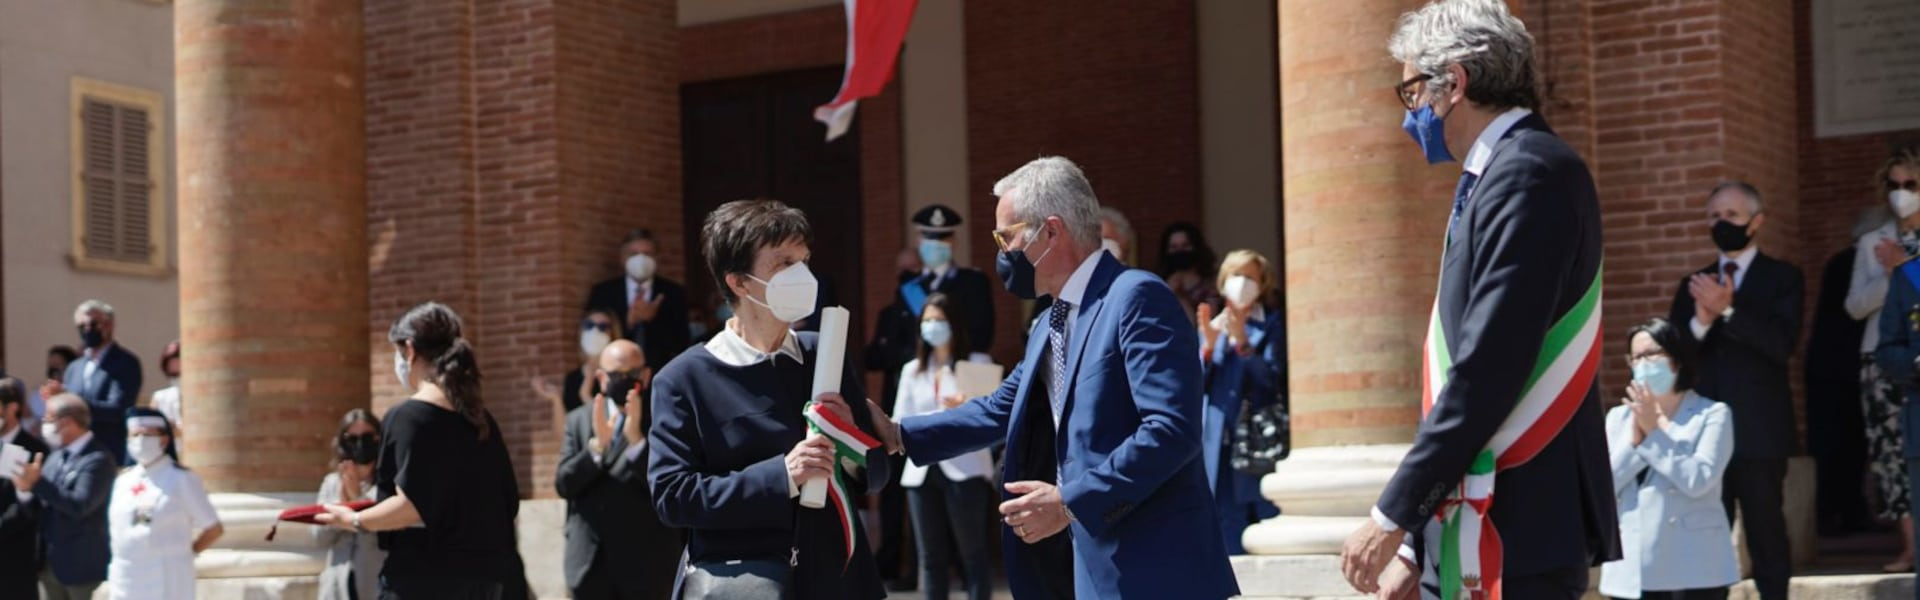 """Featured image for """"Emilia Guarnieri è Grande Ufficiale, il 2 giugno la cerimonia a Rimini"""""""